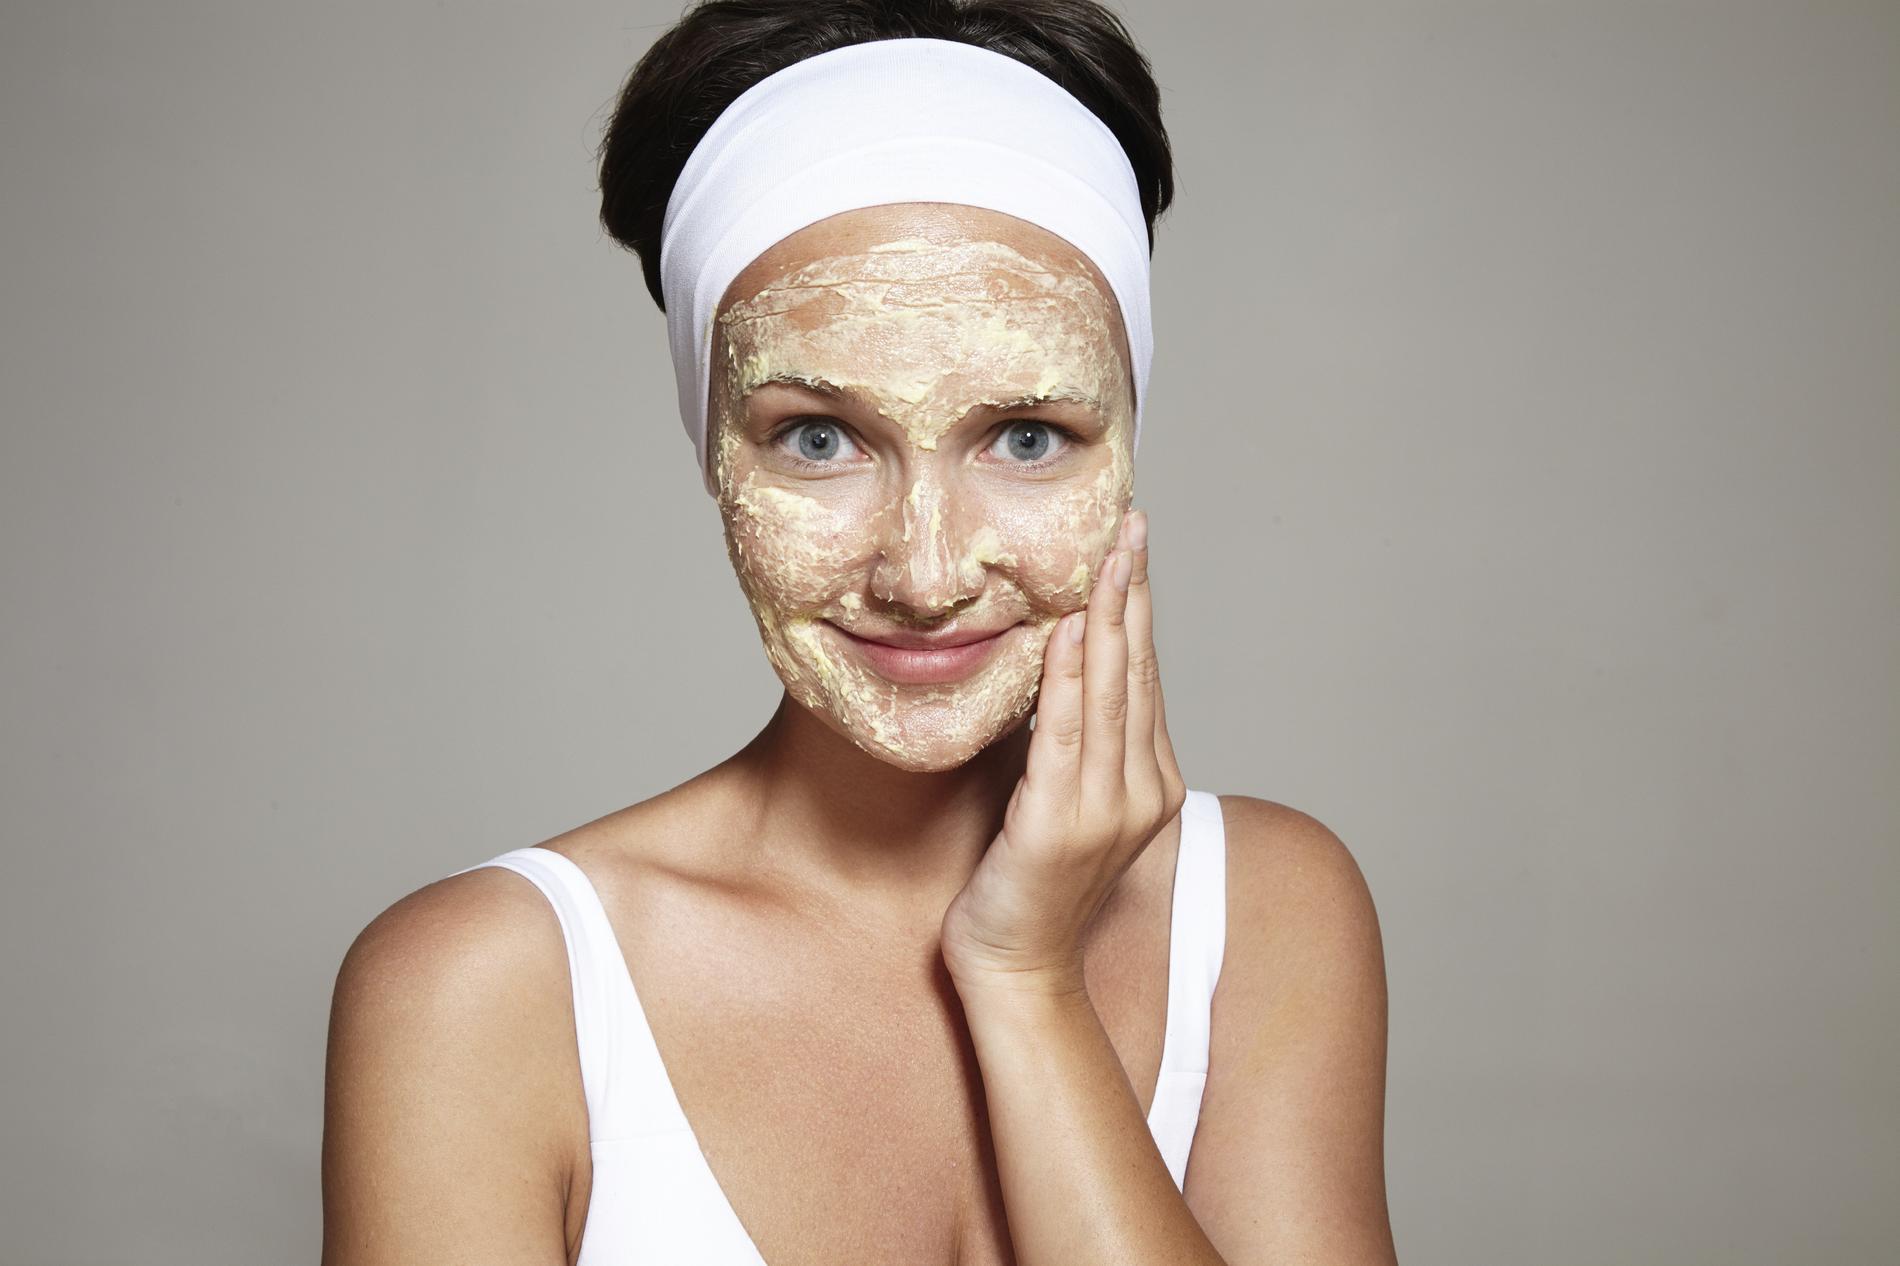 Diy un masque visage maison pour hydrater ma peau le - Masque maison pour le visage ...